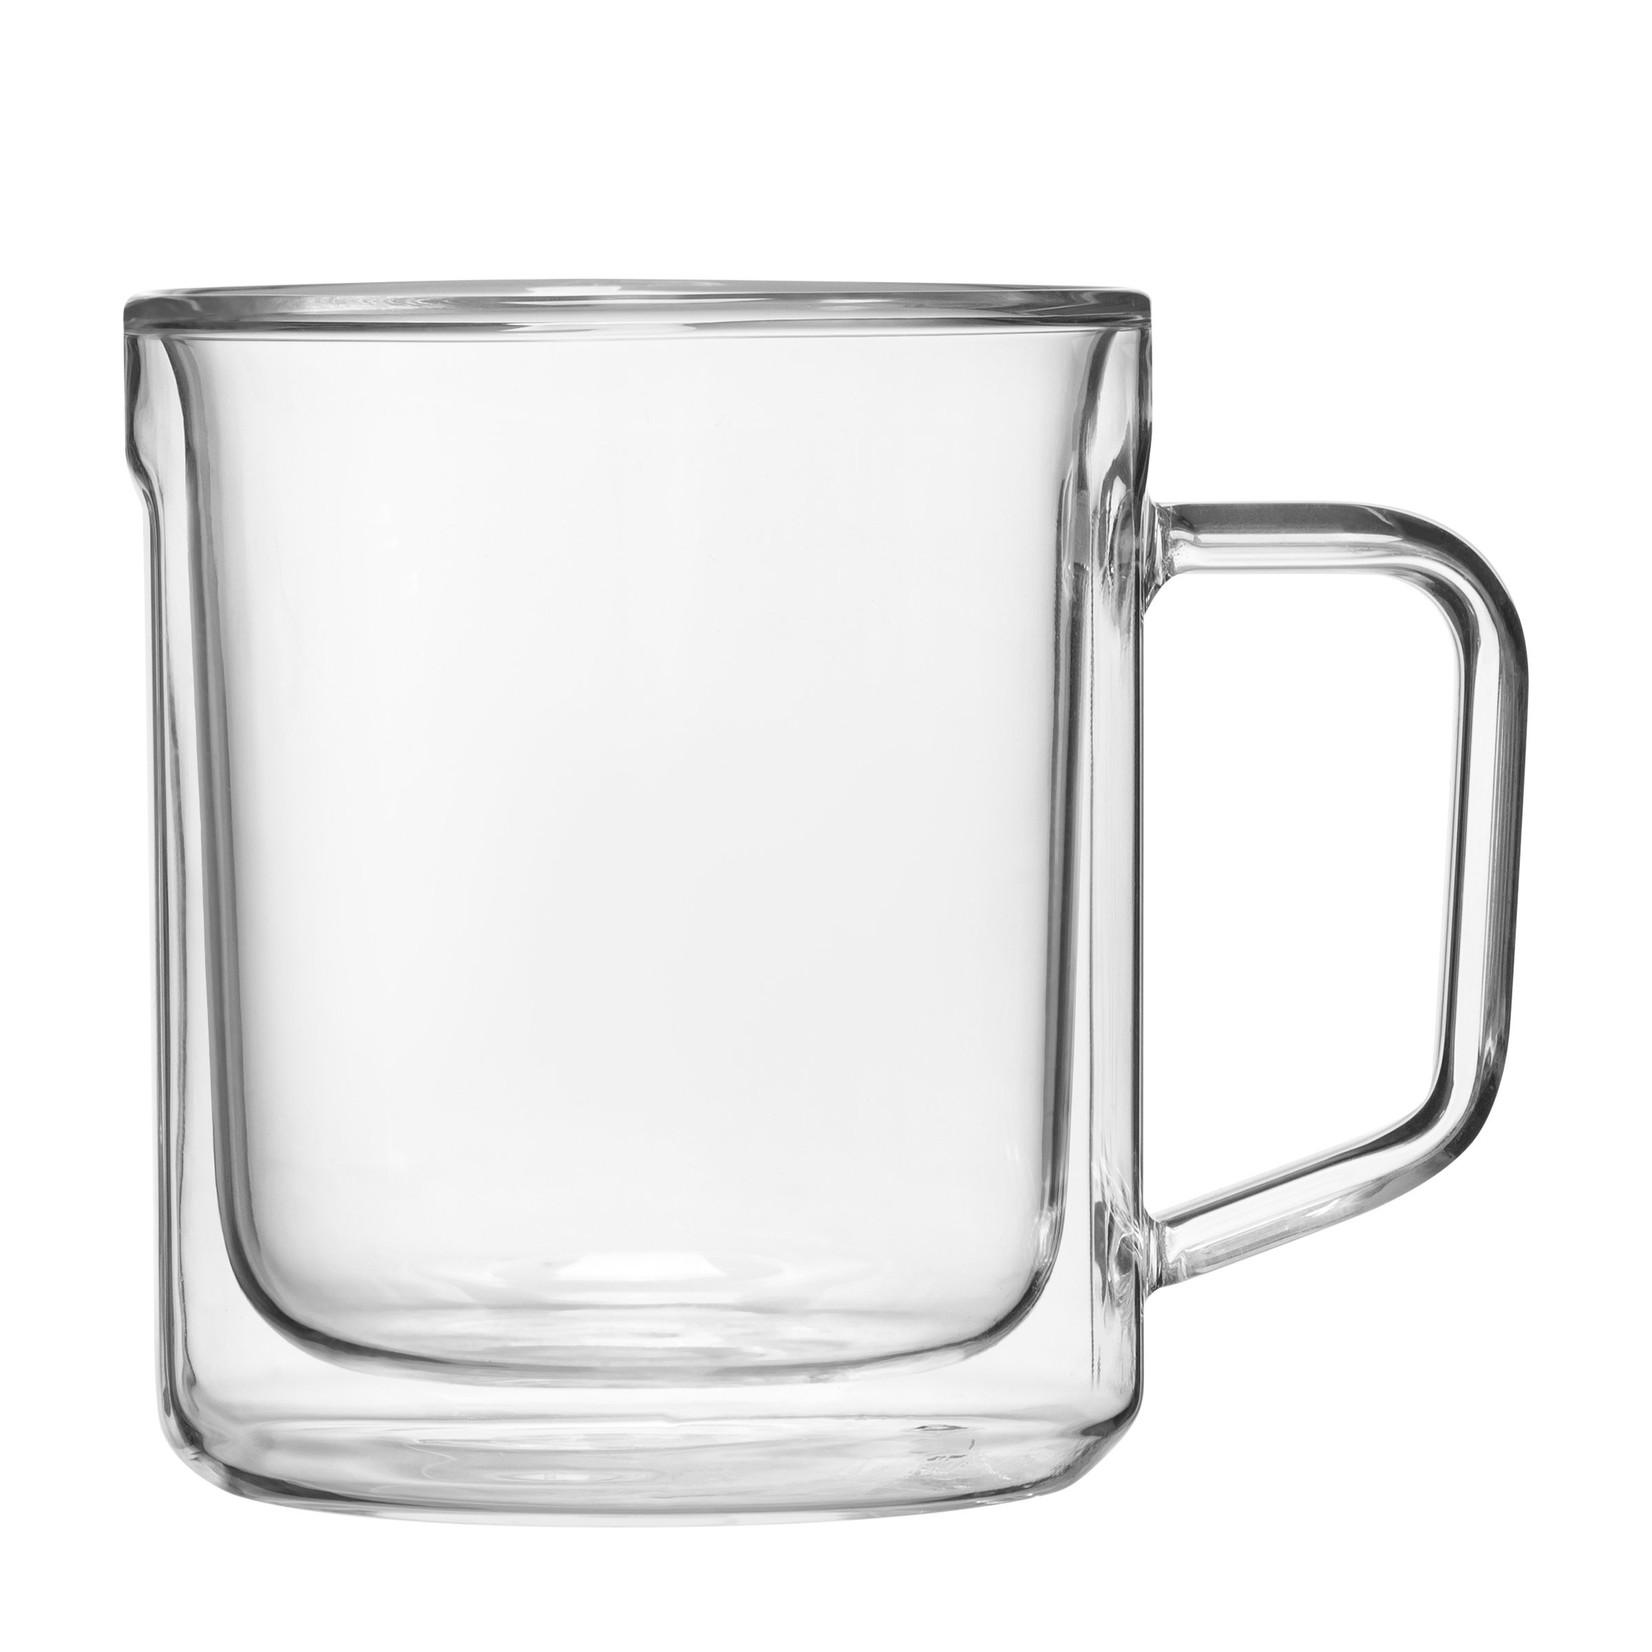 CORKCICLE GLASS MUG - SET OF 2